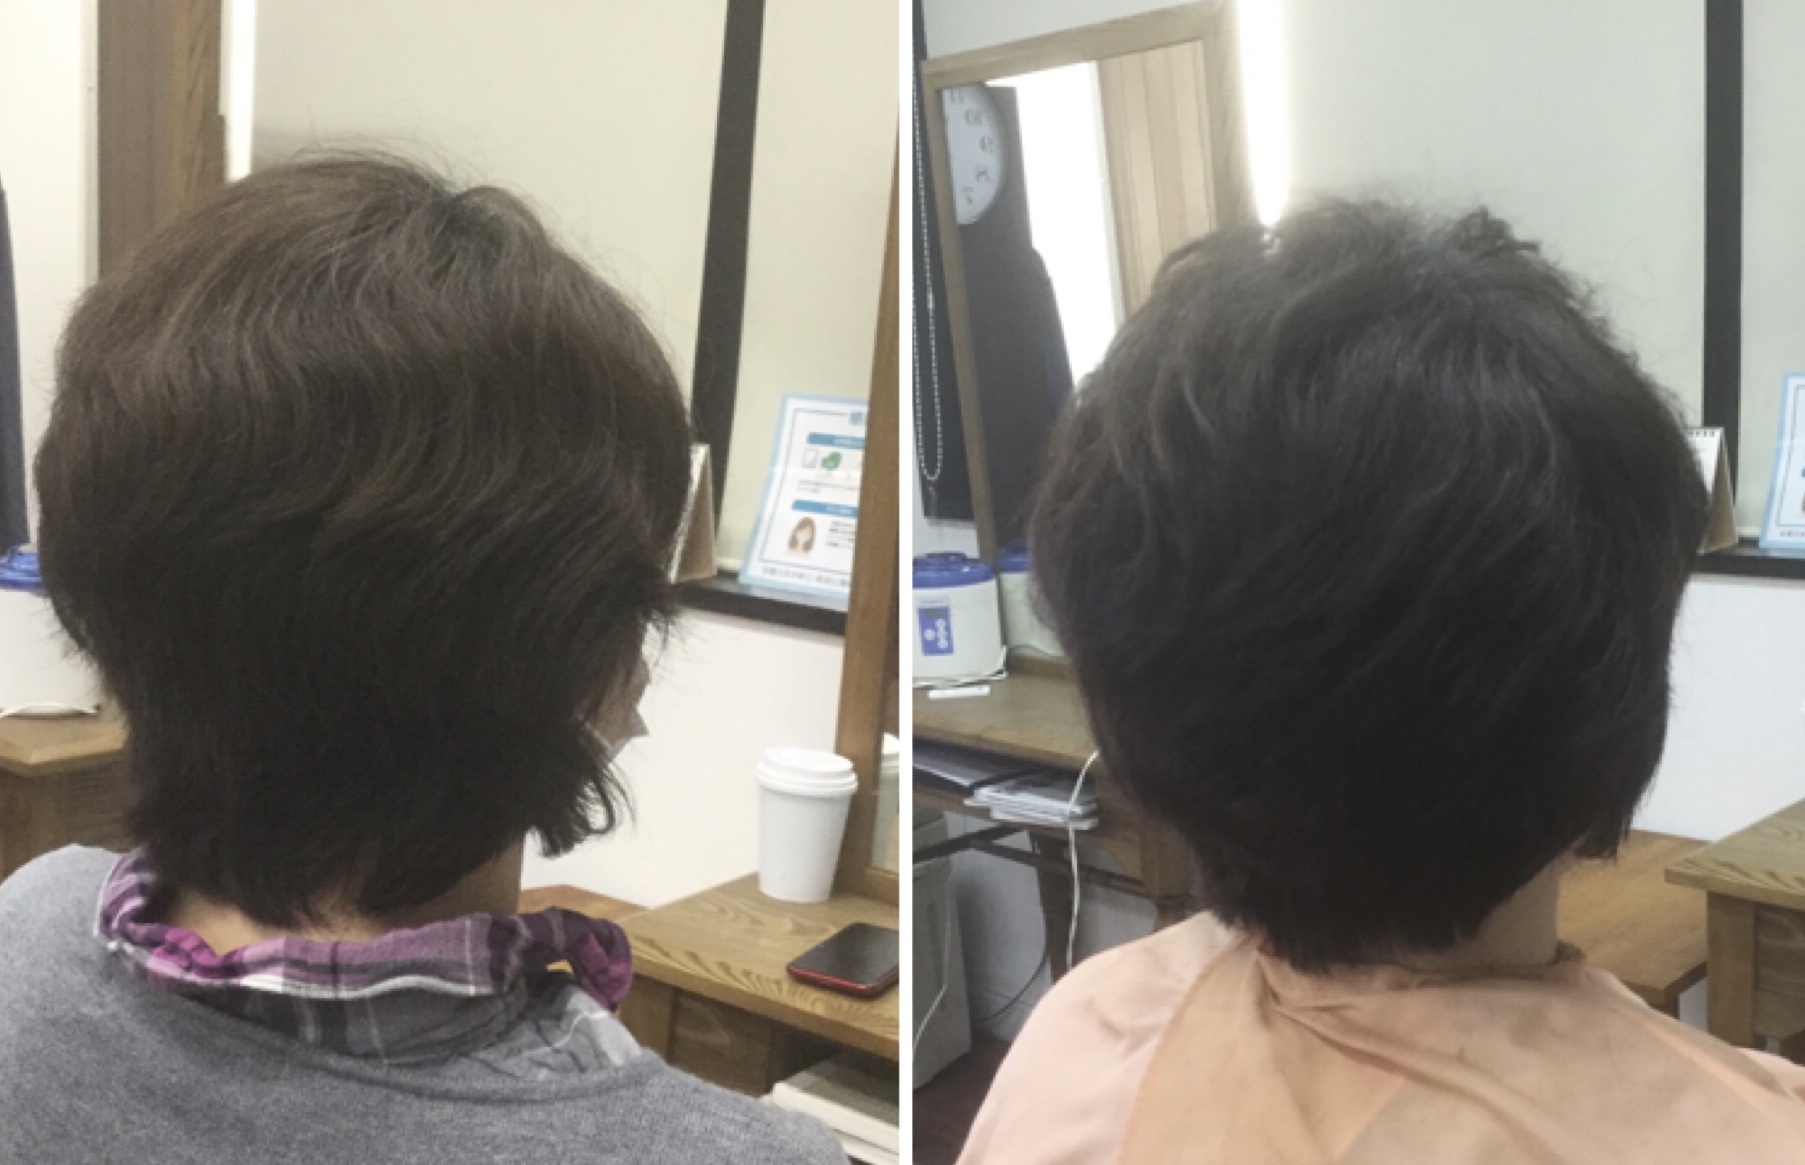 くせ毛でもキュビズムカット®︎で脱縮毛矯正が出来る神戸摂津本山美容室アバディ